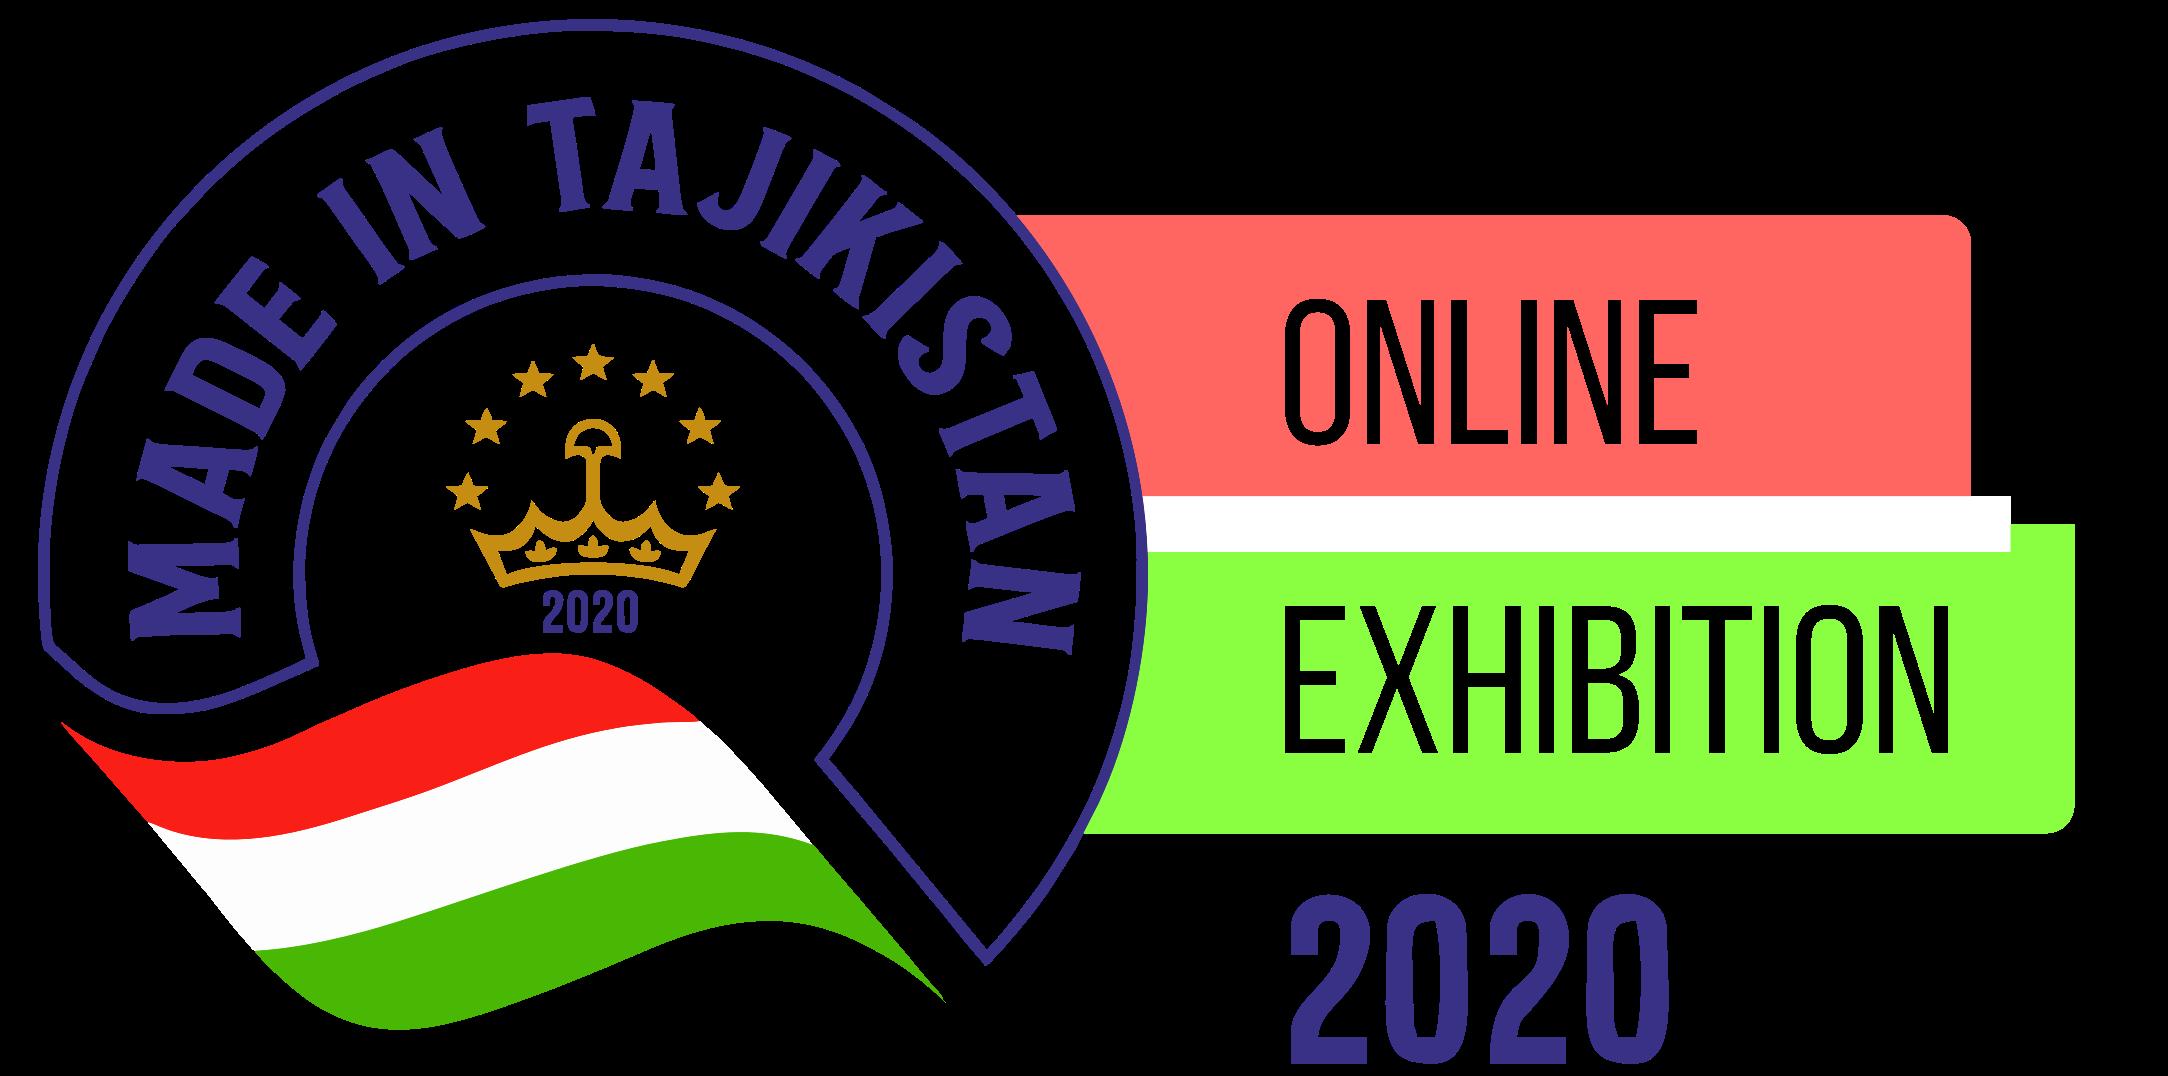 Made in Tajikistan - 2020